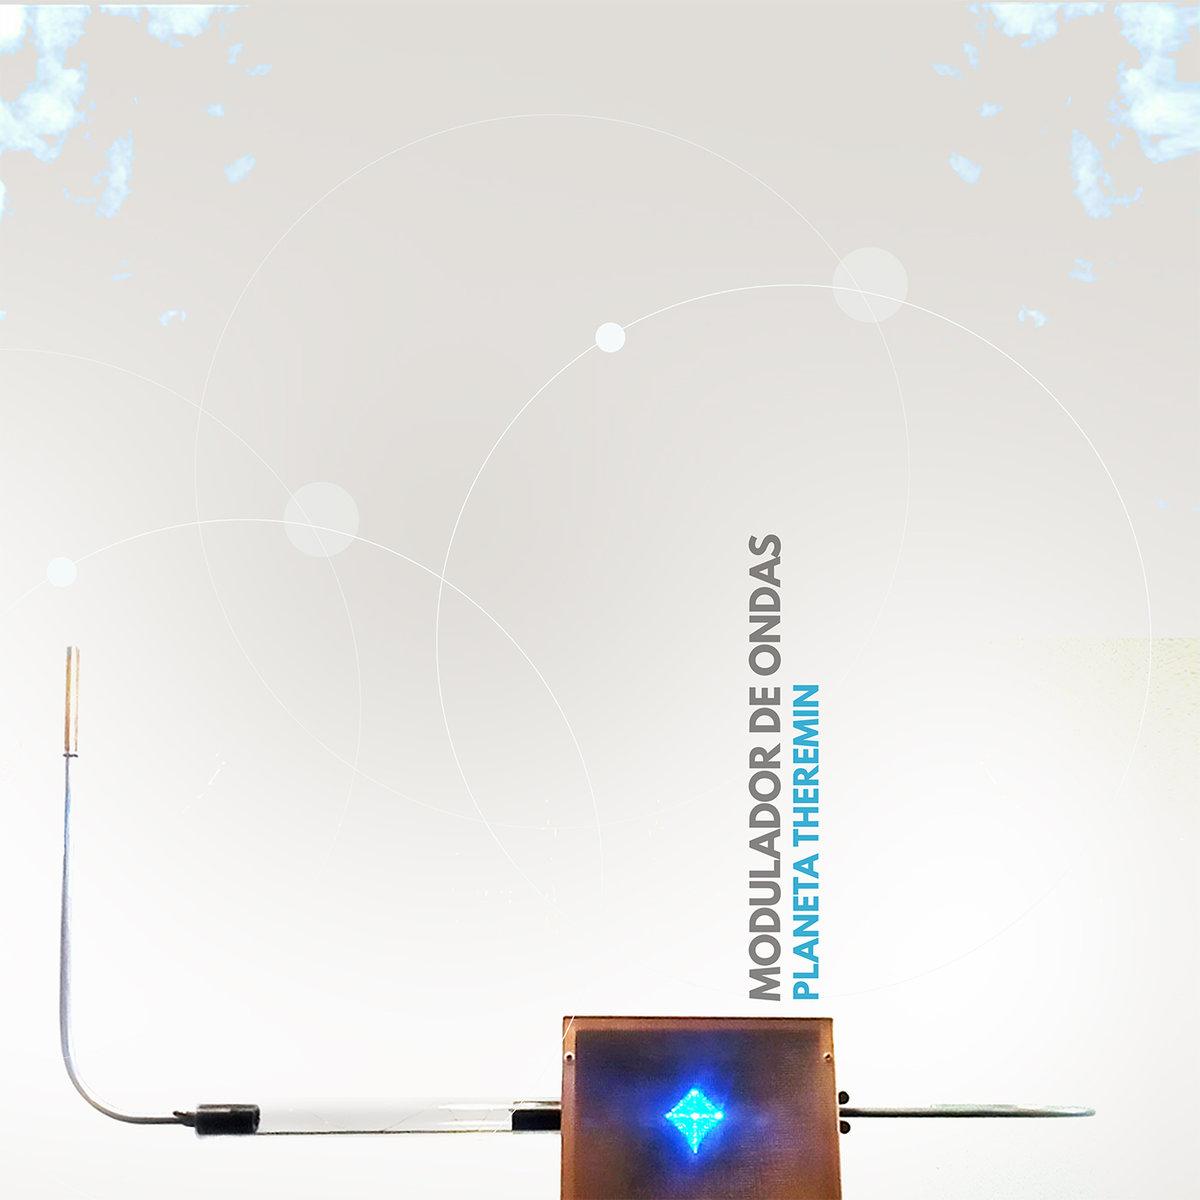 portada del album Planeta Theremin